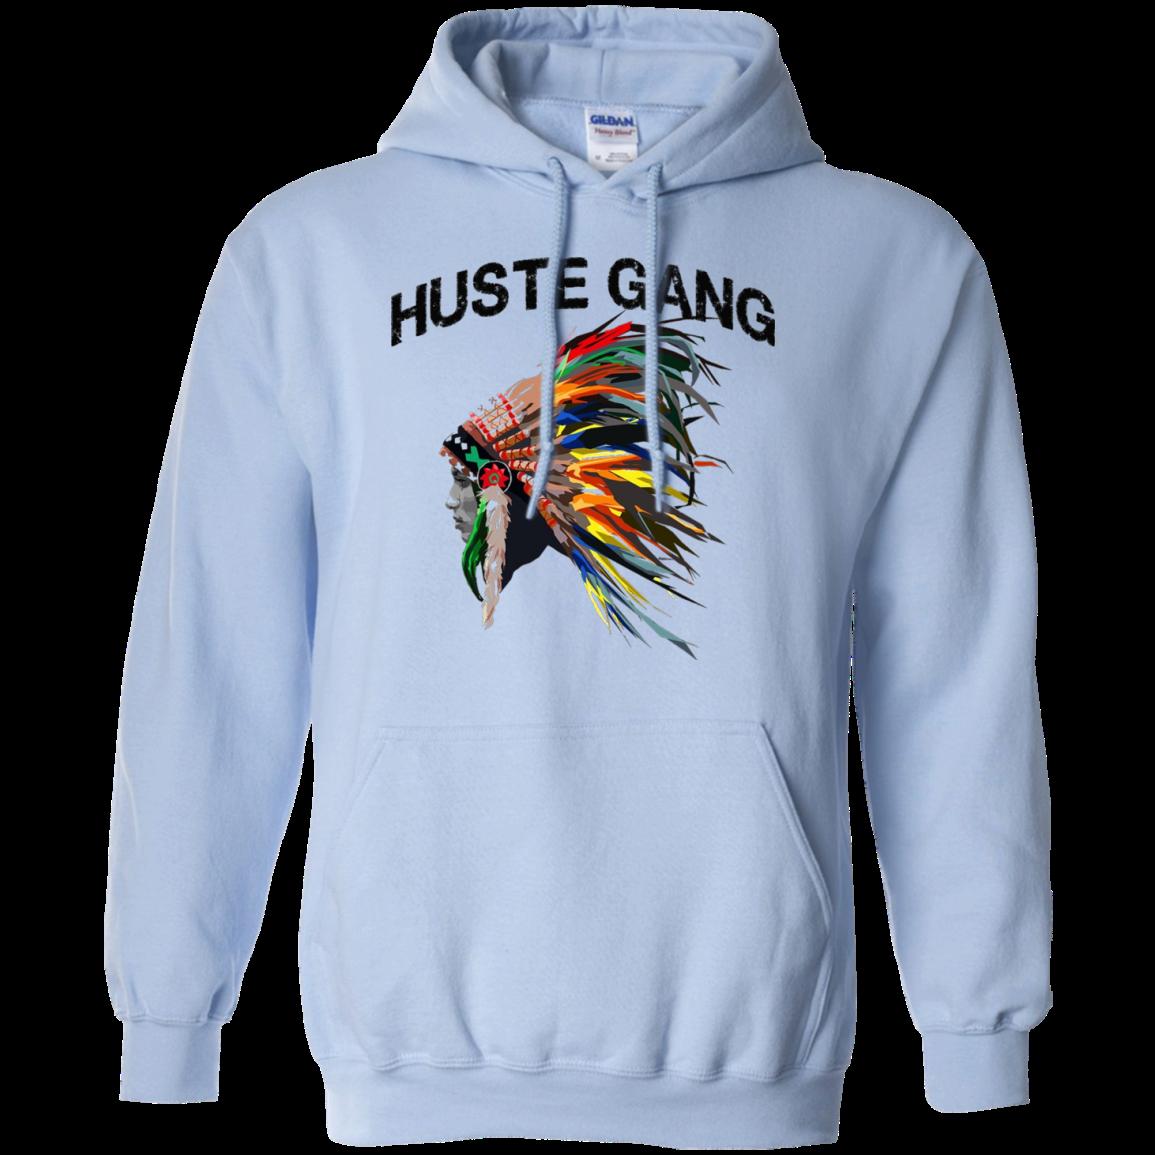 Hustle Gang Hoodie Hustle Gang Hoodie Shirts Hoodies [ 1155 x 1155 Pixel ]